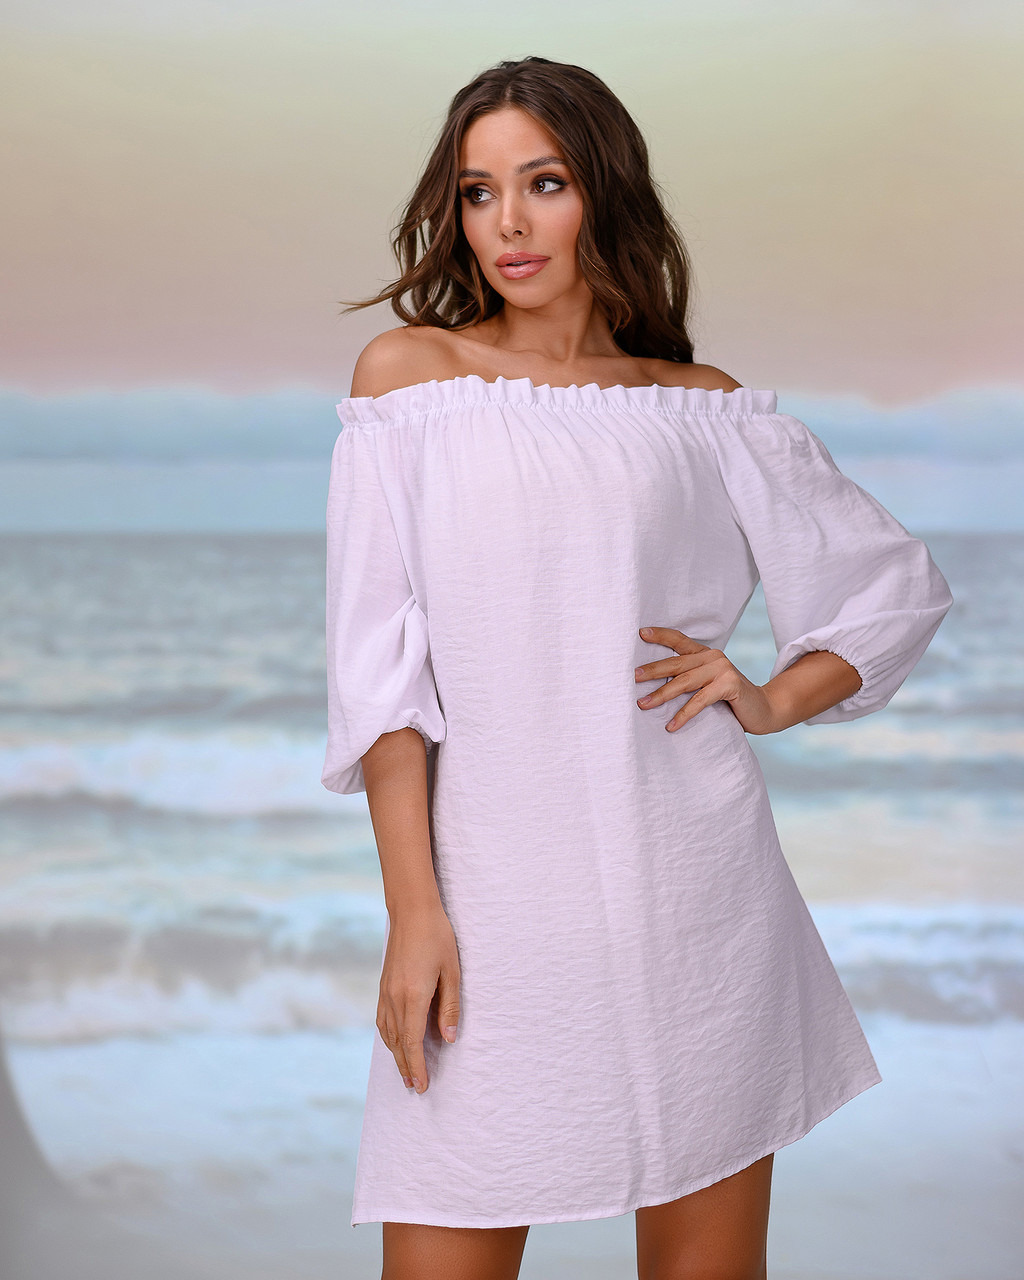 Коротка пляжна туніка зі спущеними плечима . Колір білий. Розмір 46-48